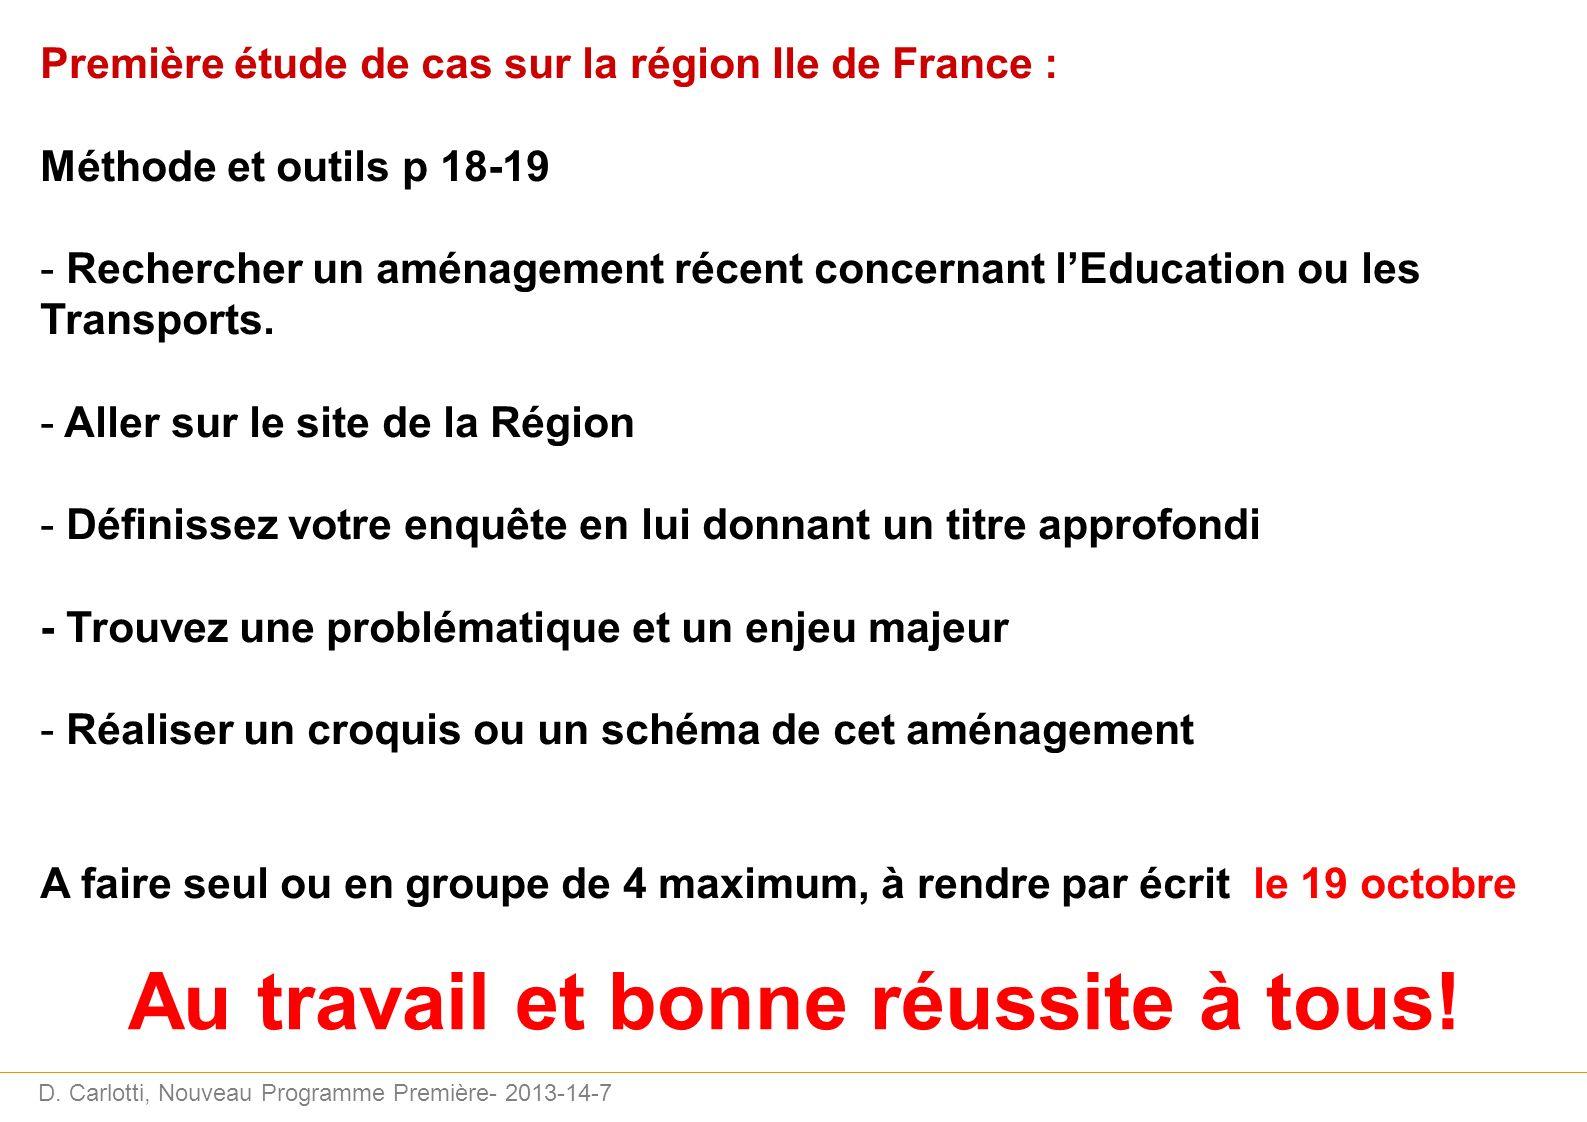 D. Carlotti, Nouveau Programme Première- 2013-14-7 Première étude de cas sur la région Ile de France : Méthode et outils p 18-19 - Rechercher un aména